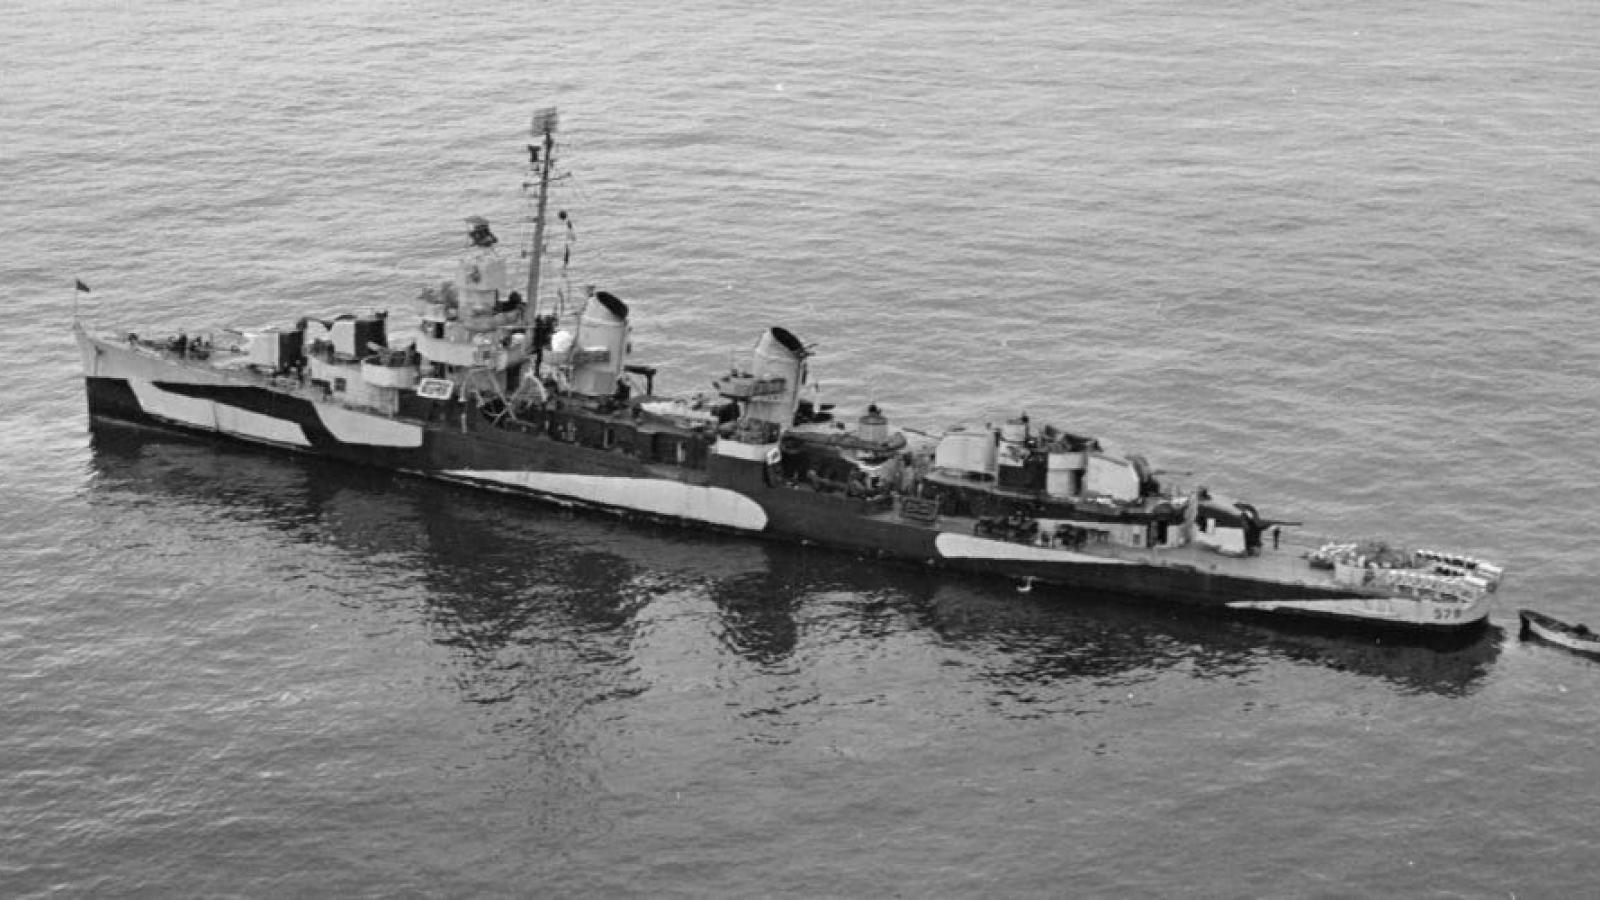 USS William D. Porter - Chiến hạm xui xẻo nhất của Hải quân Mỹ